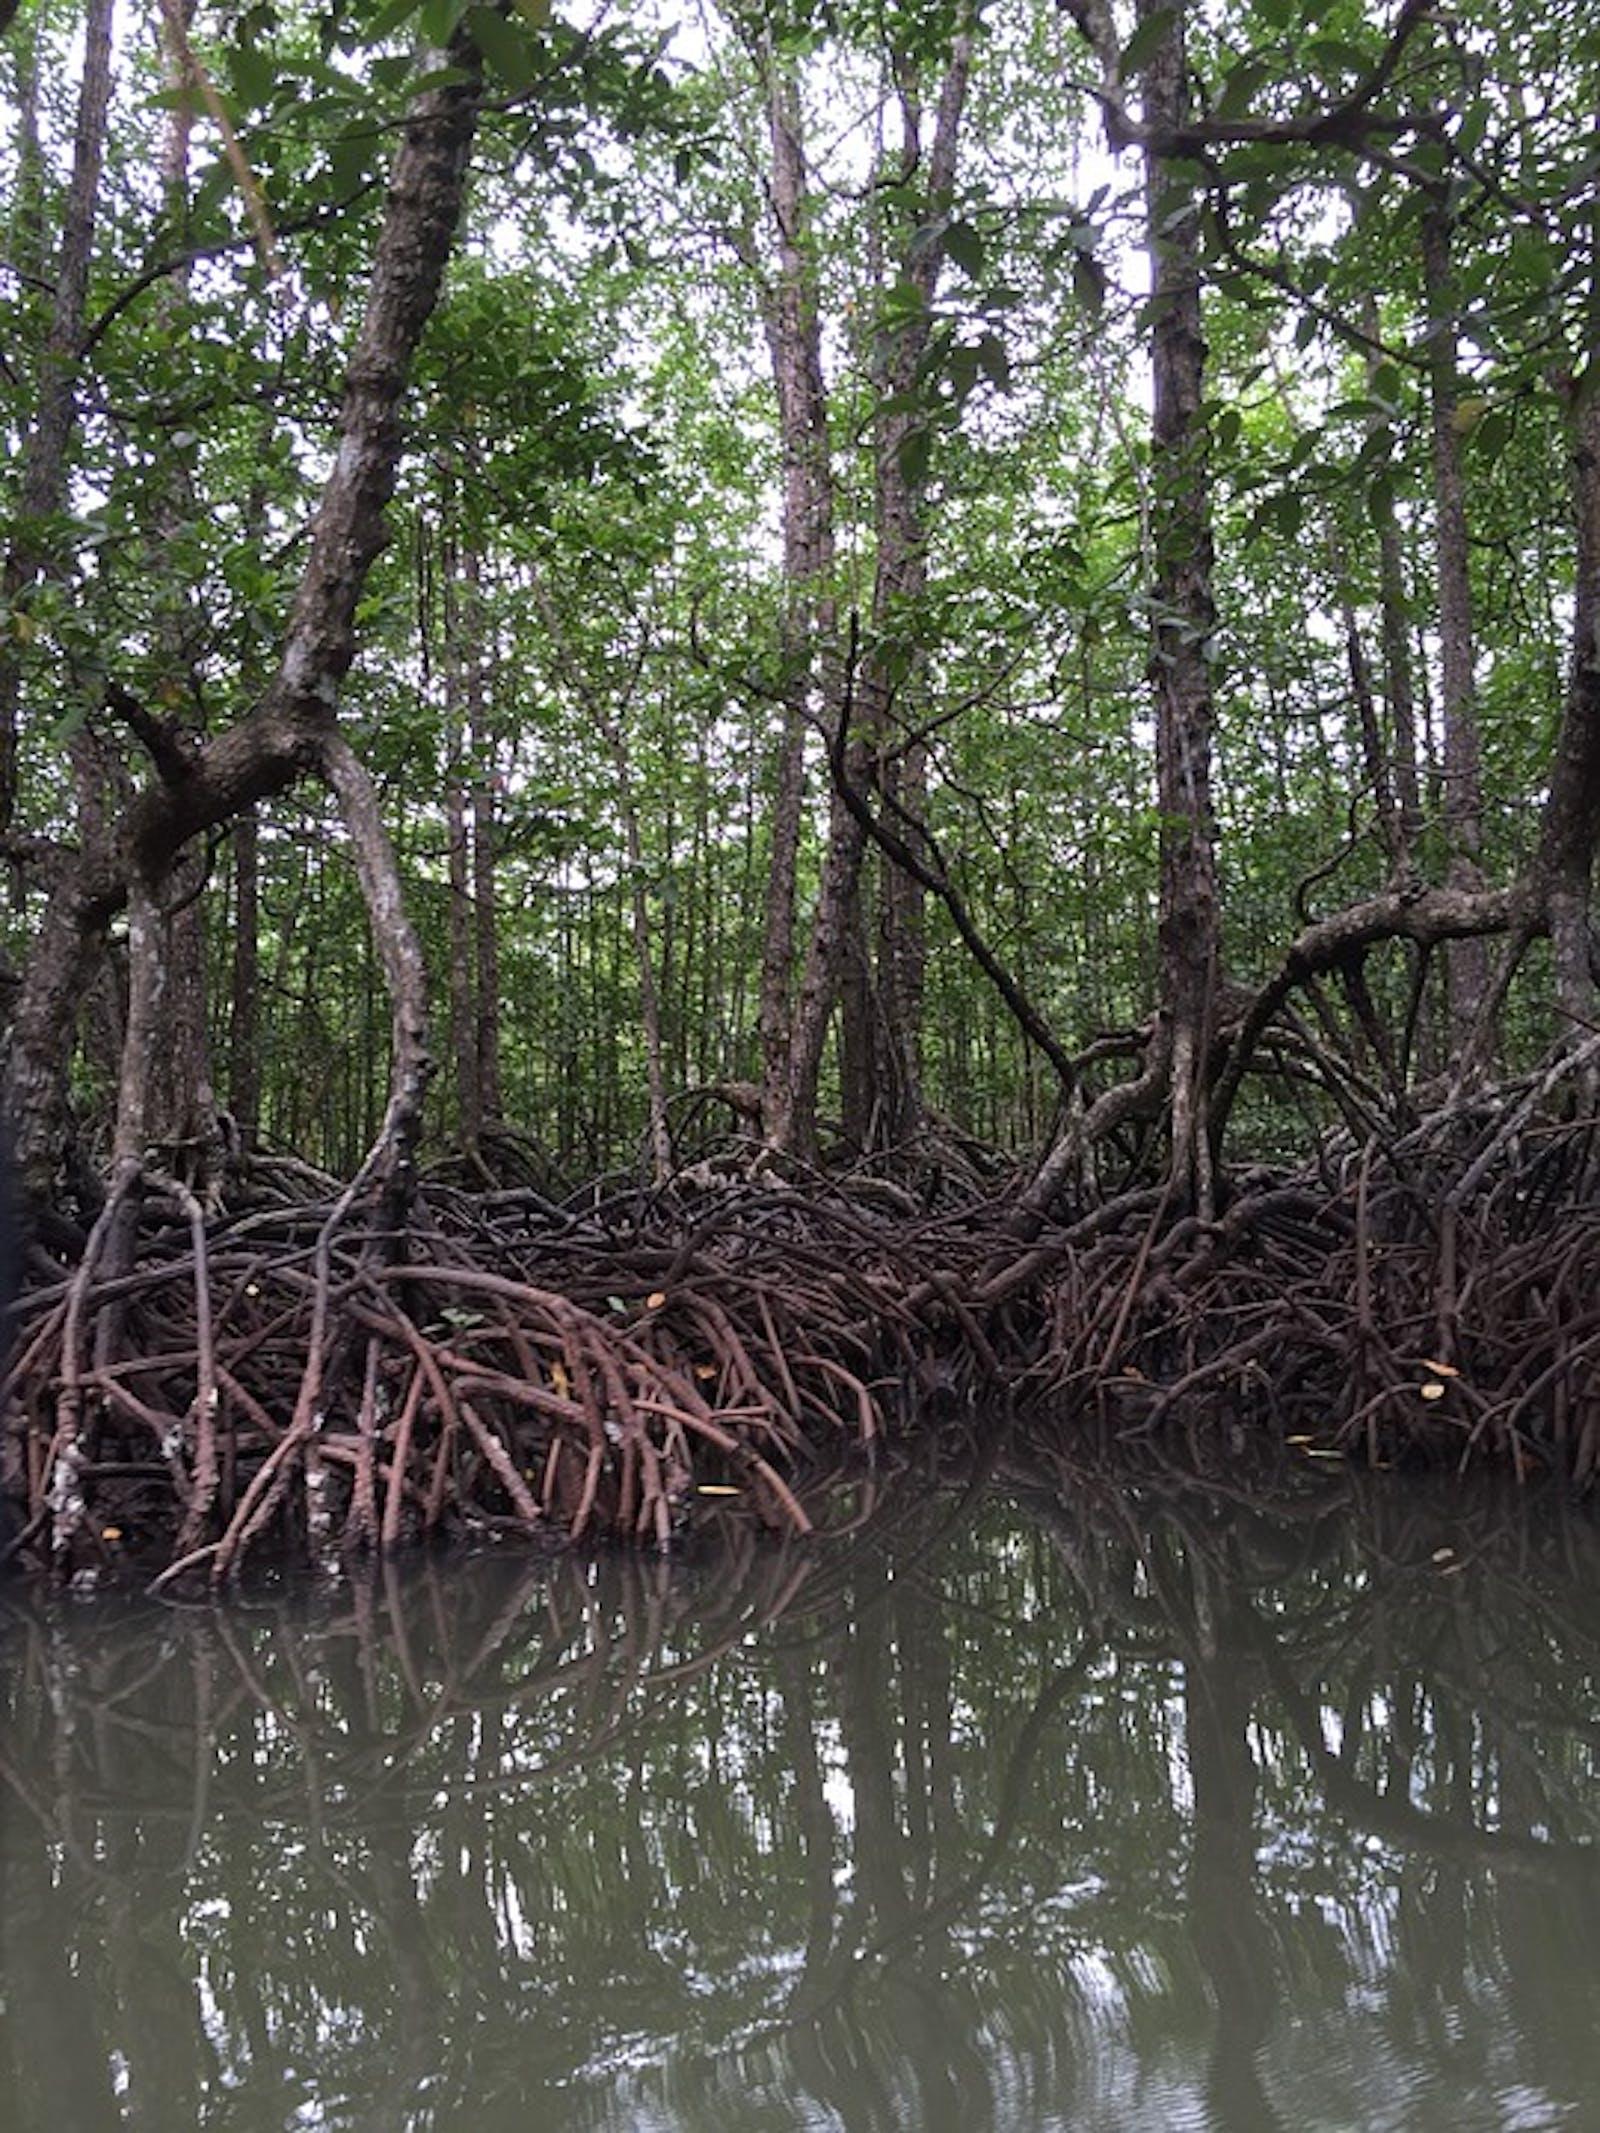 Sunda Shelf Mangroves